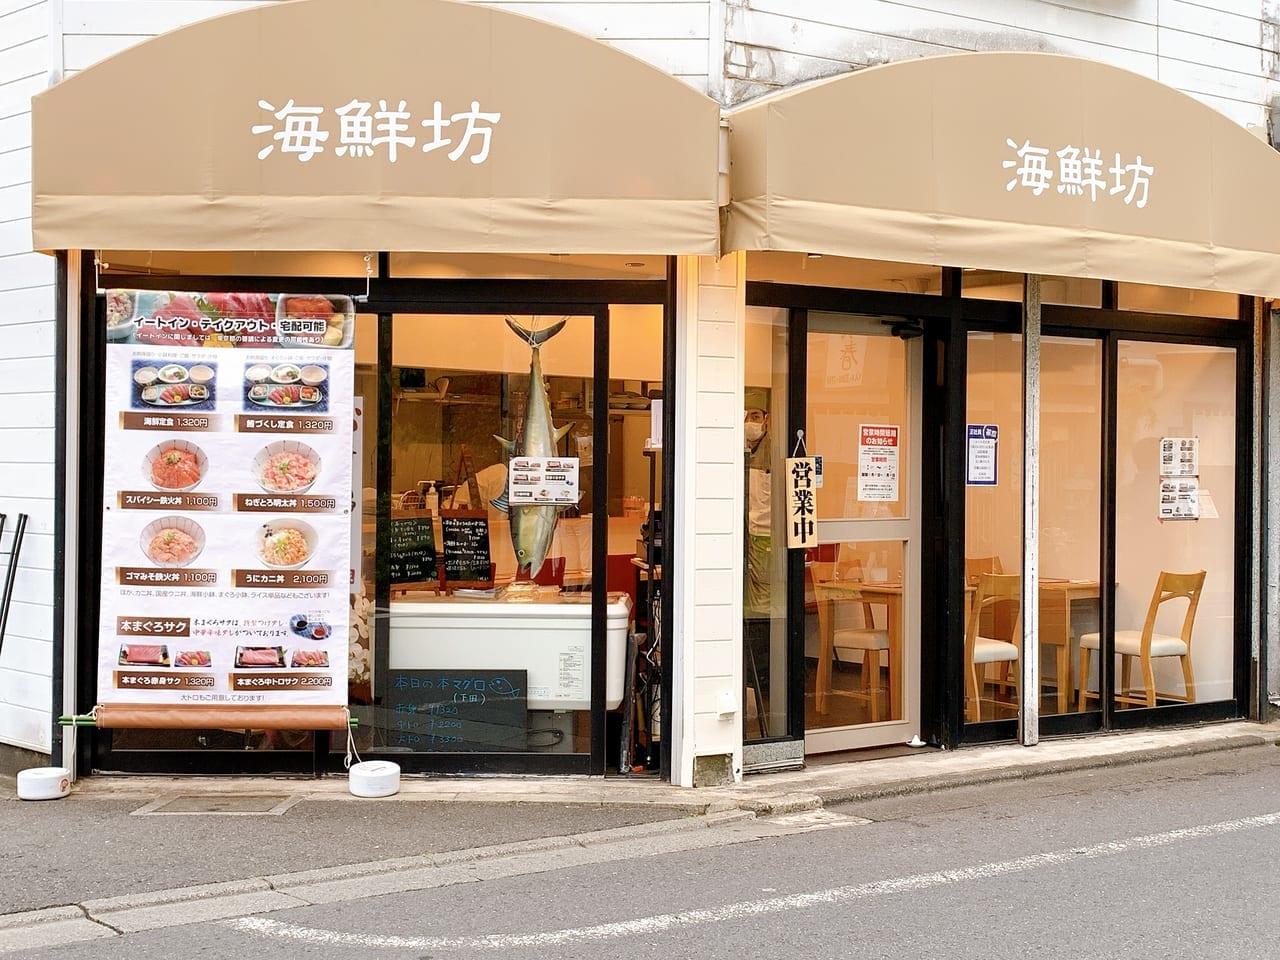 仙川に海鮮坊がオープンしました。